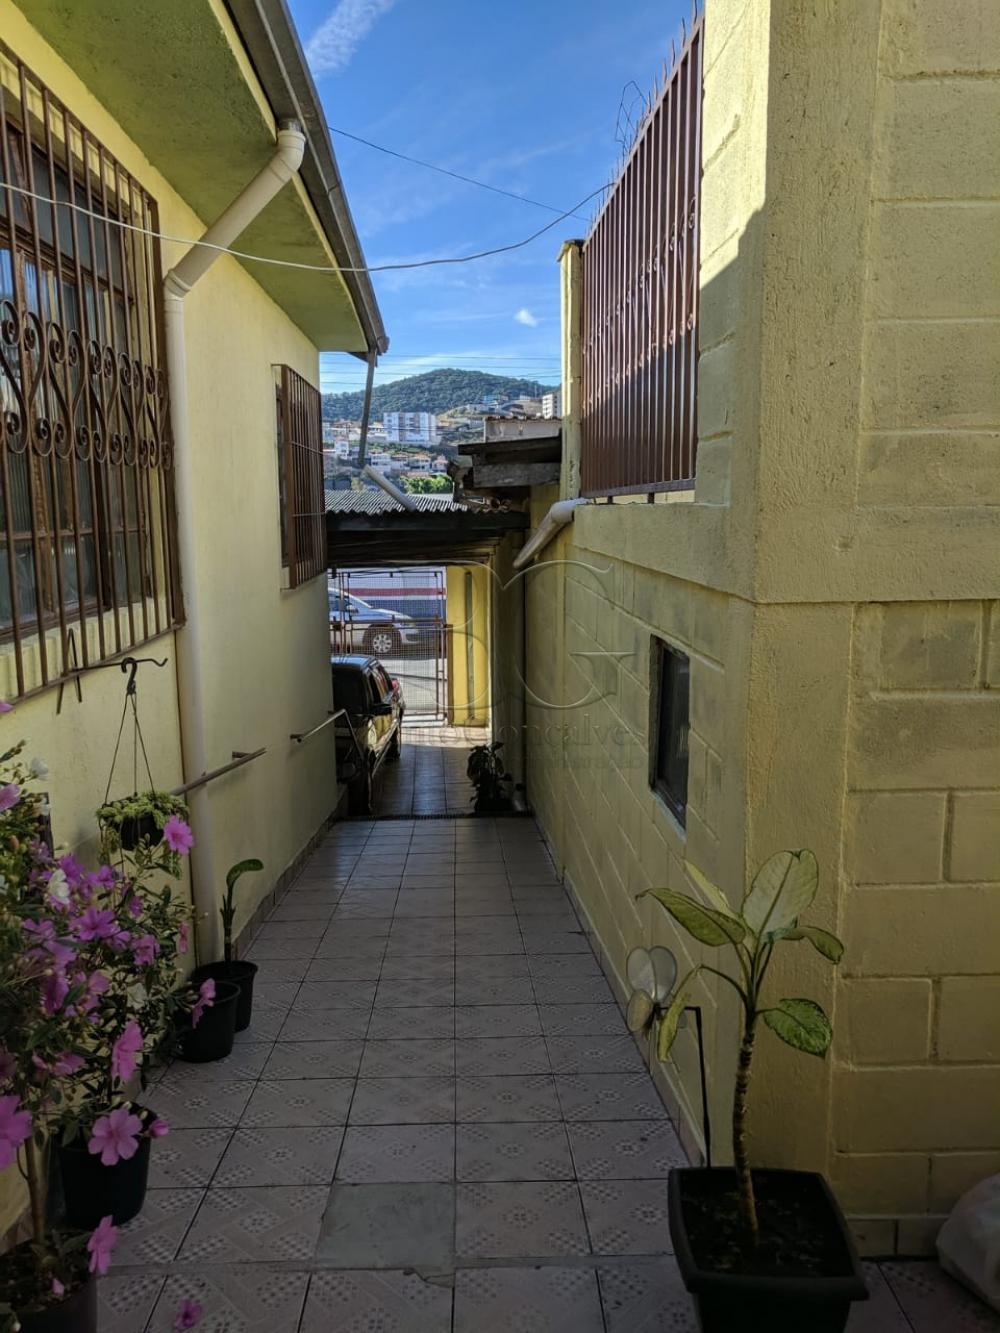 Comprar Casas / Padrão em Poços de Caldas apenas R$ 280.000,00 - Foto 6